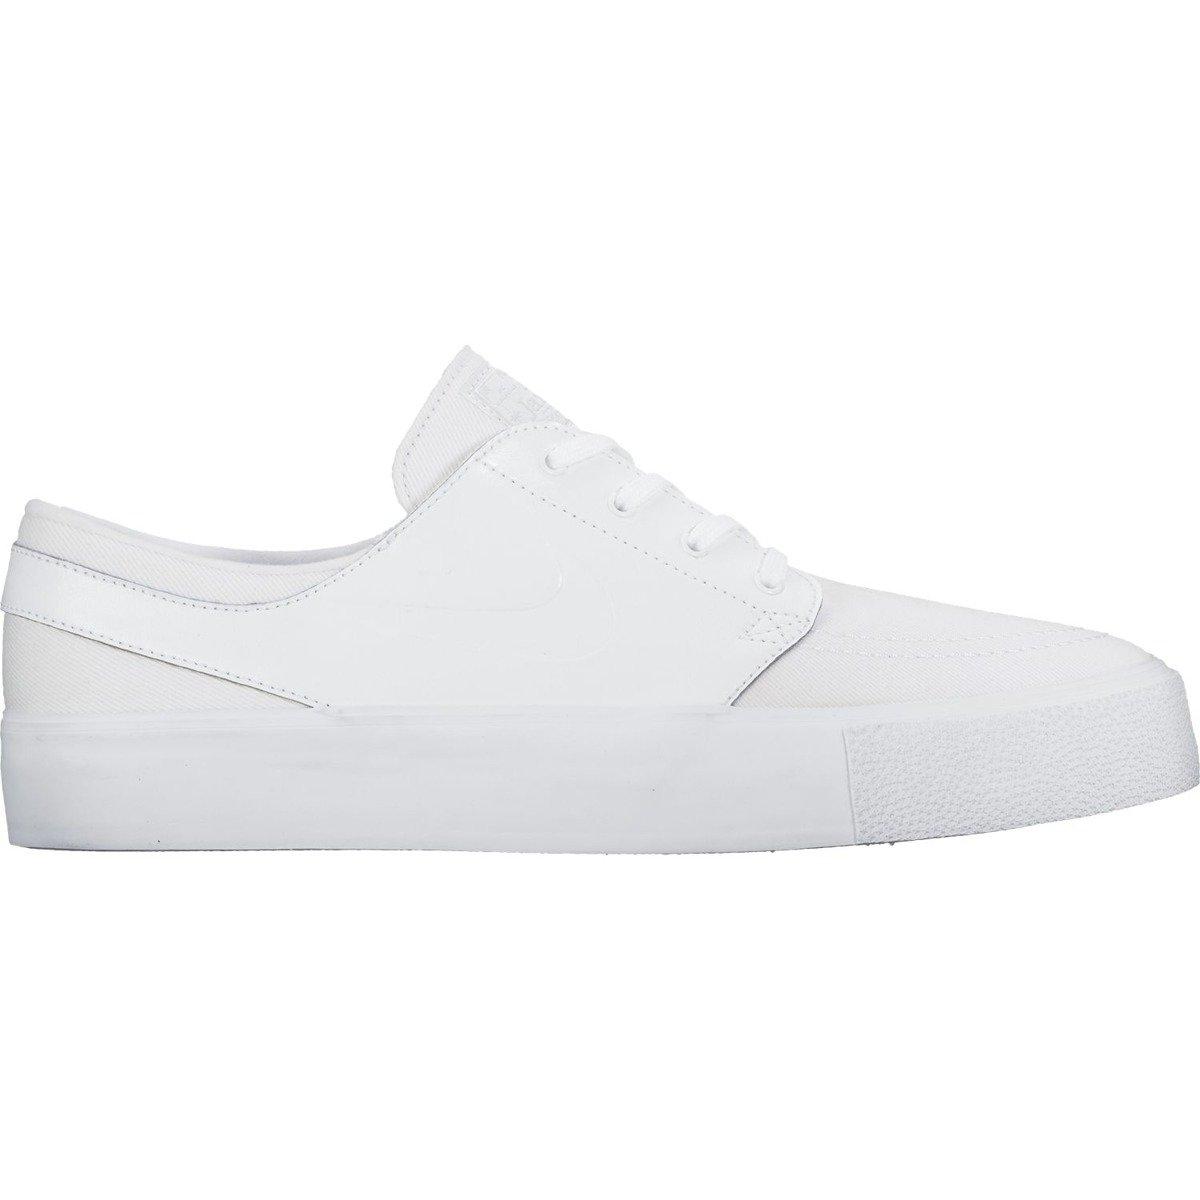 choisir un meilleur Nike Zoom Air Stefan Janoski Élite Os Blanc